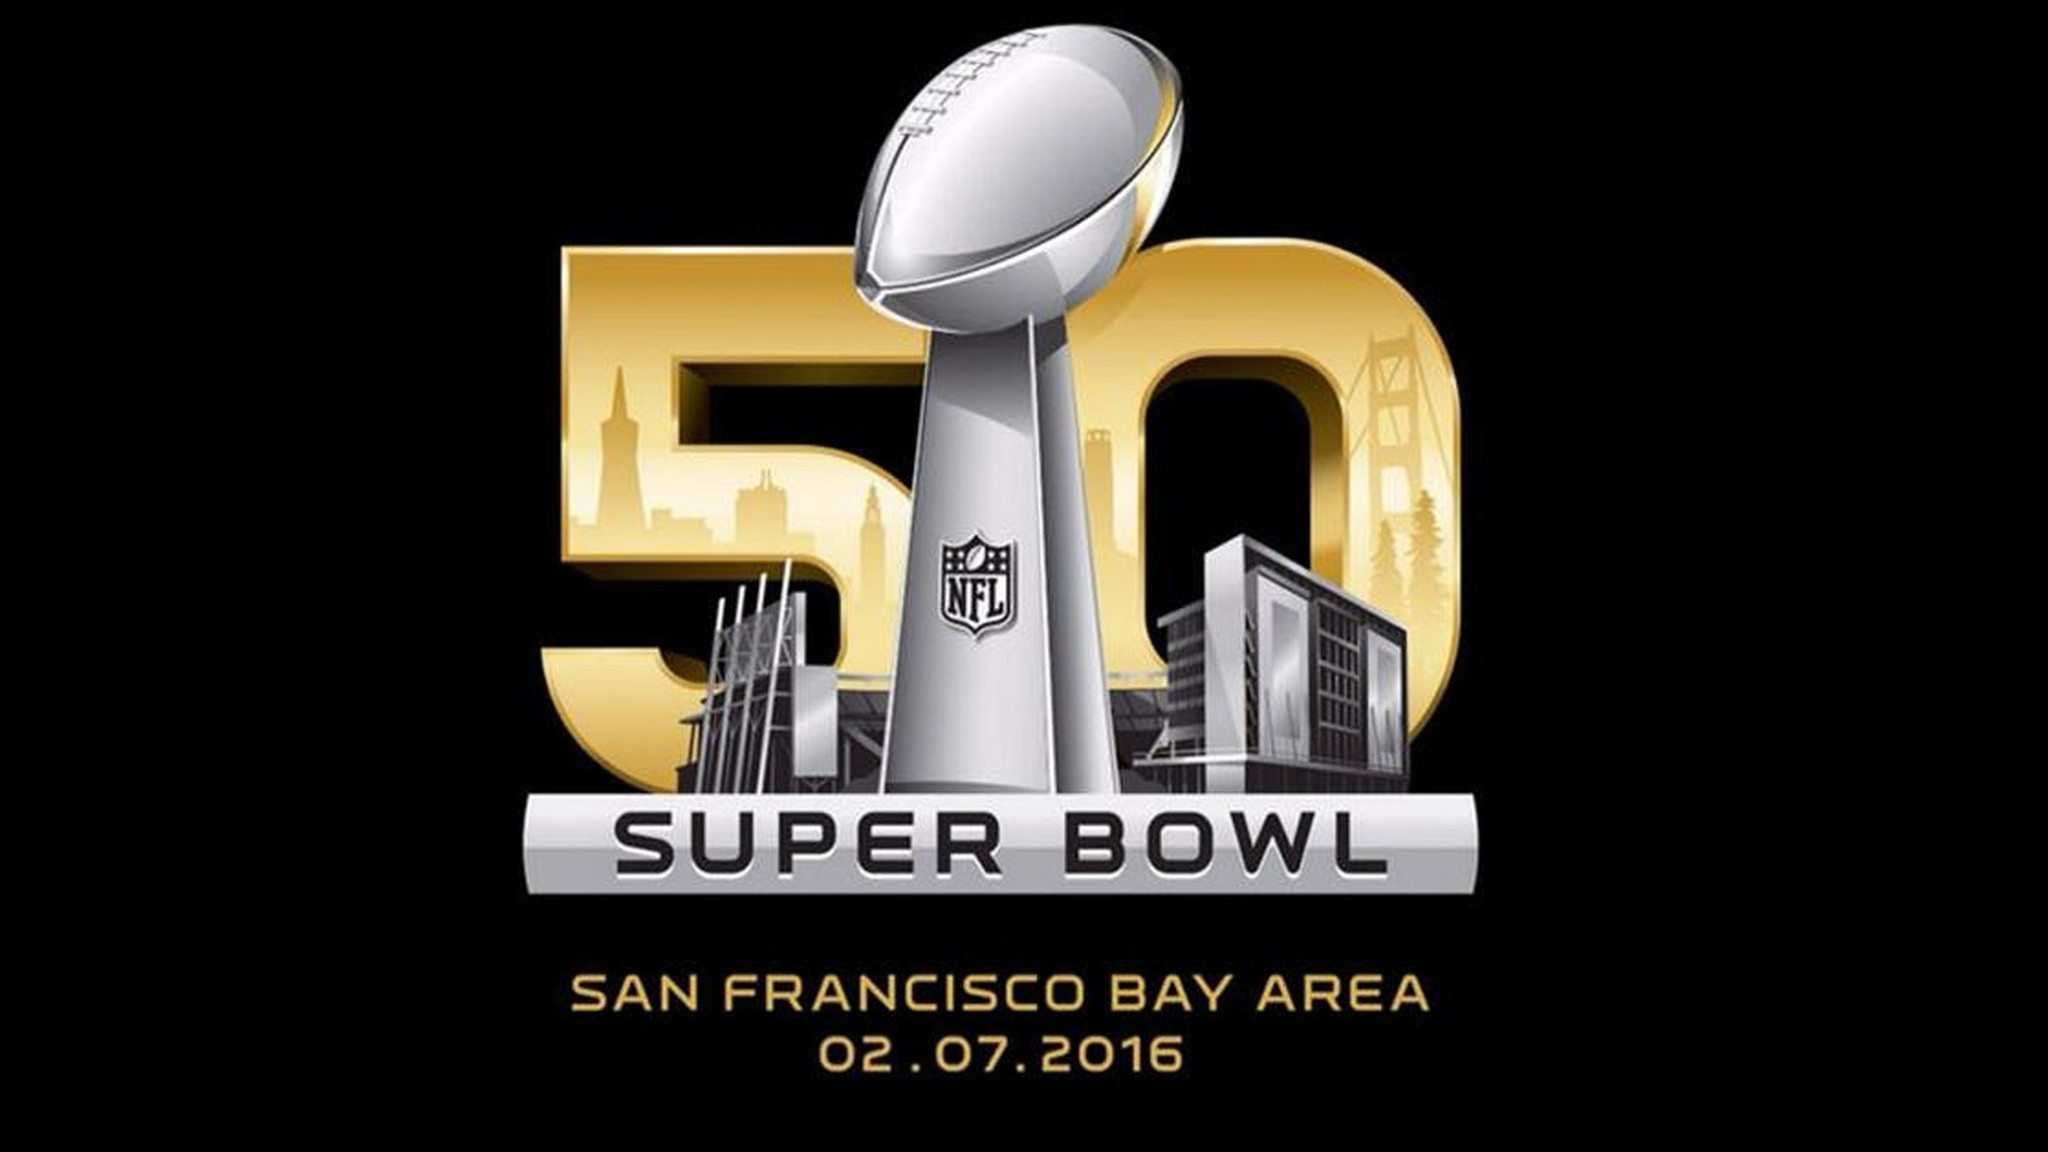 La exclusiva vida de las estrellas del Super Bowl 50